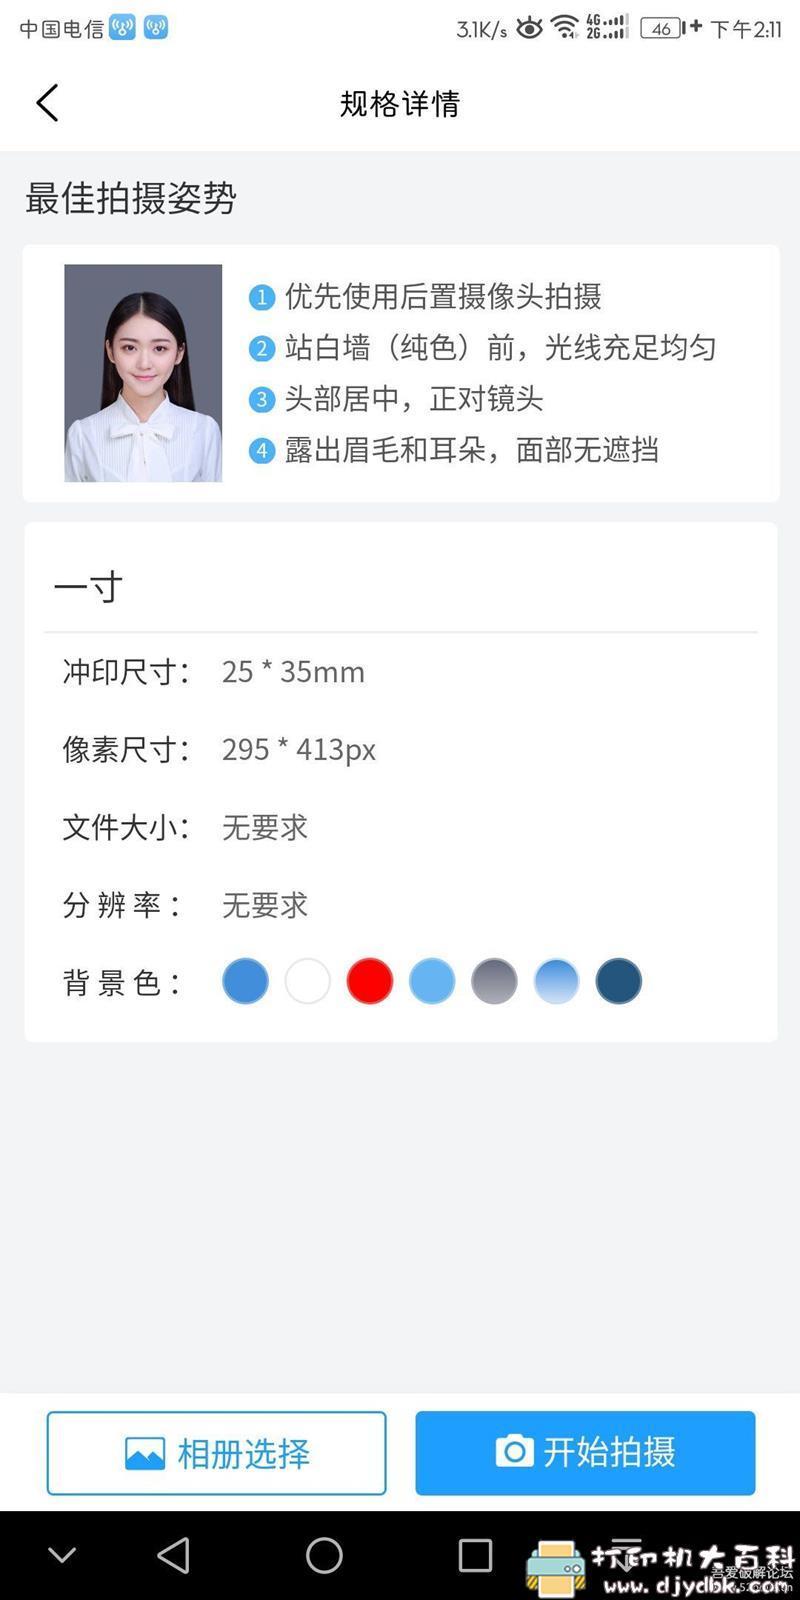 [Android]免费证件照制作工具:【小男孩证件照制作】支持500多种类型,一键换背景色自动排版自动美颜 配图 No.2